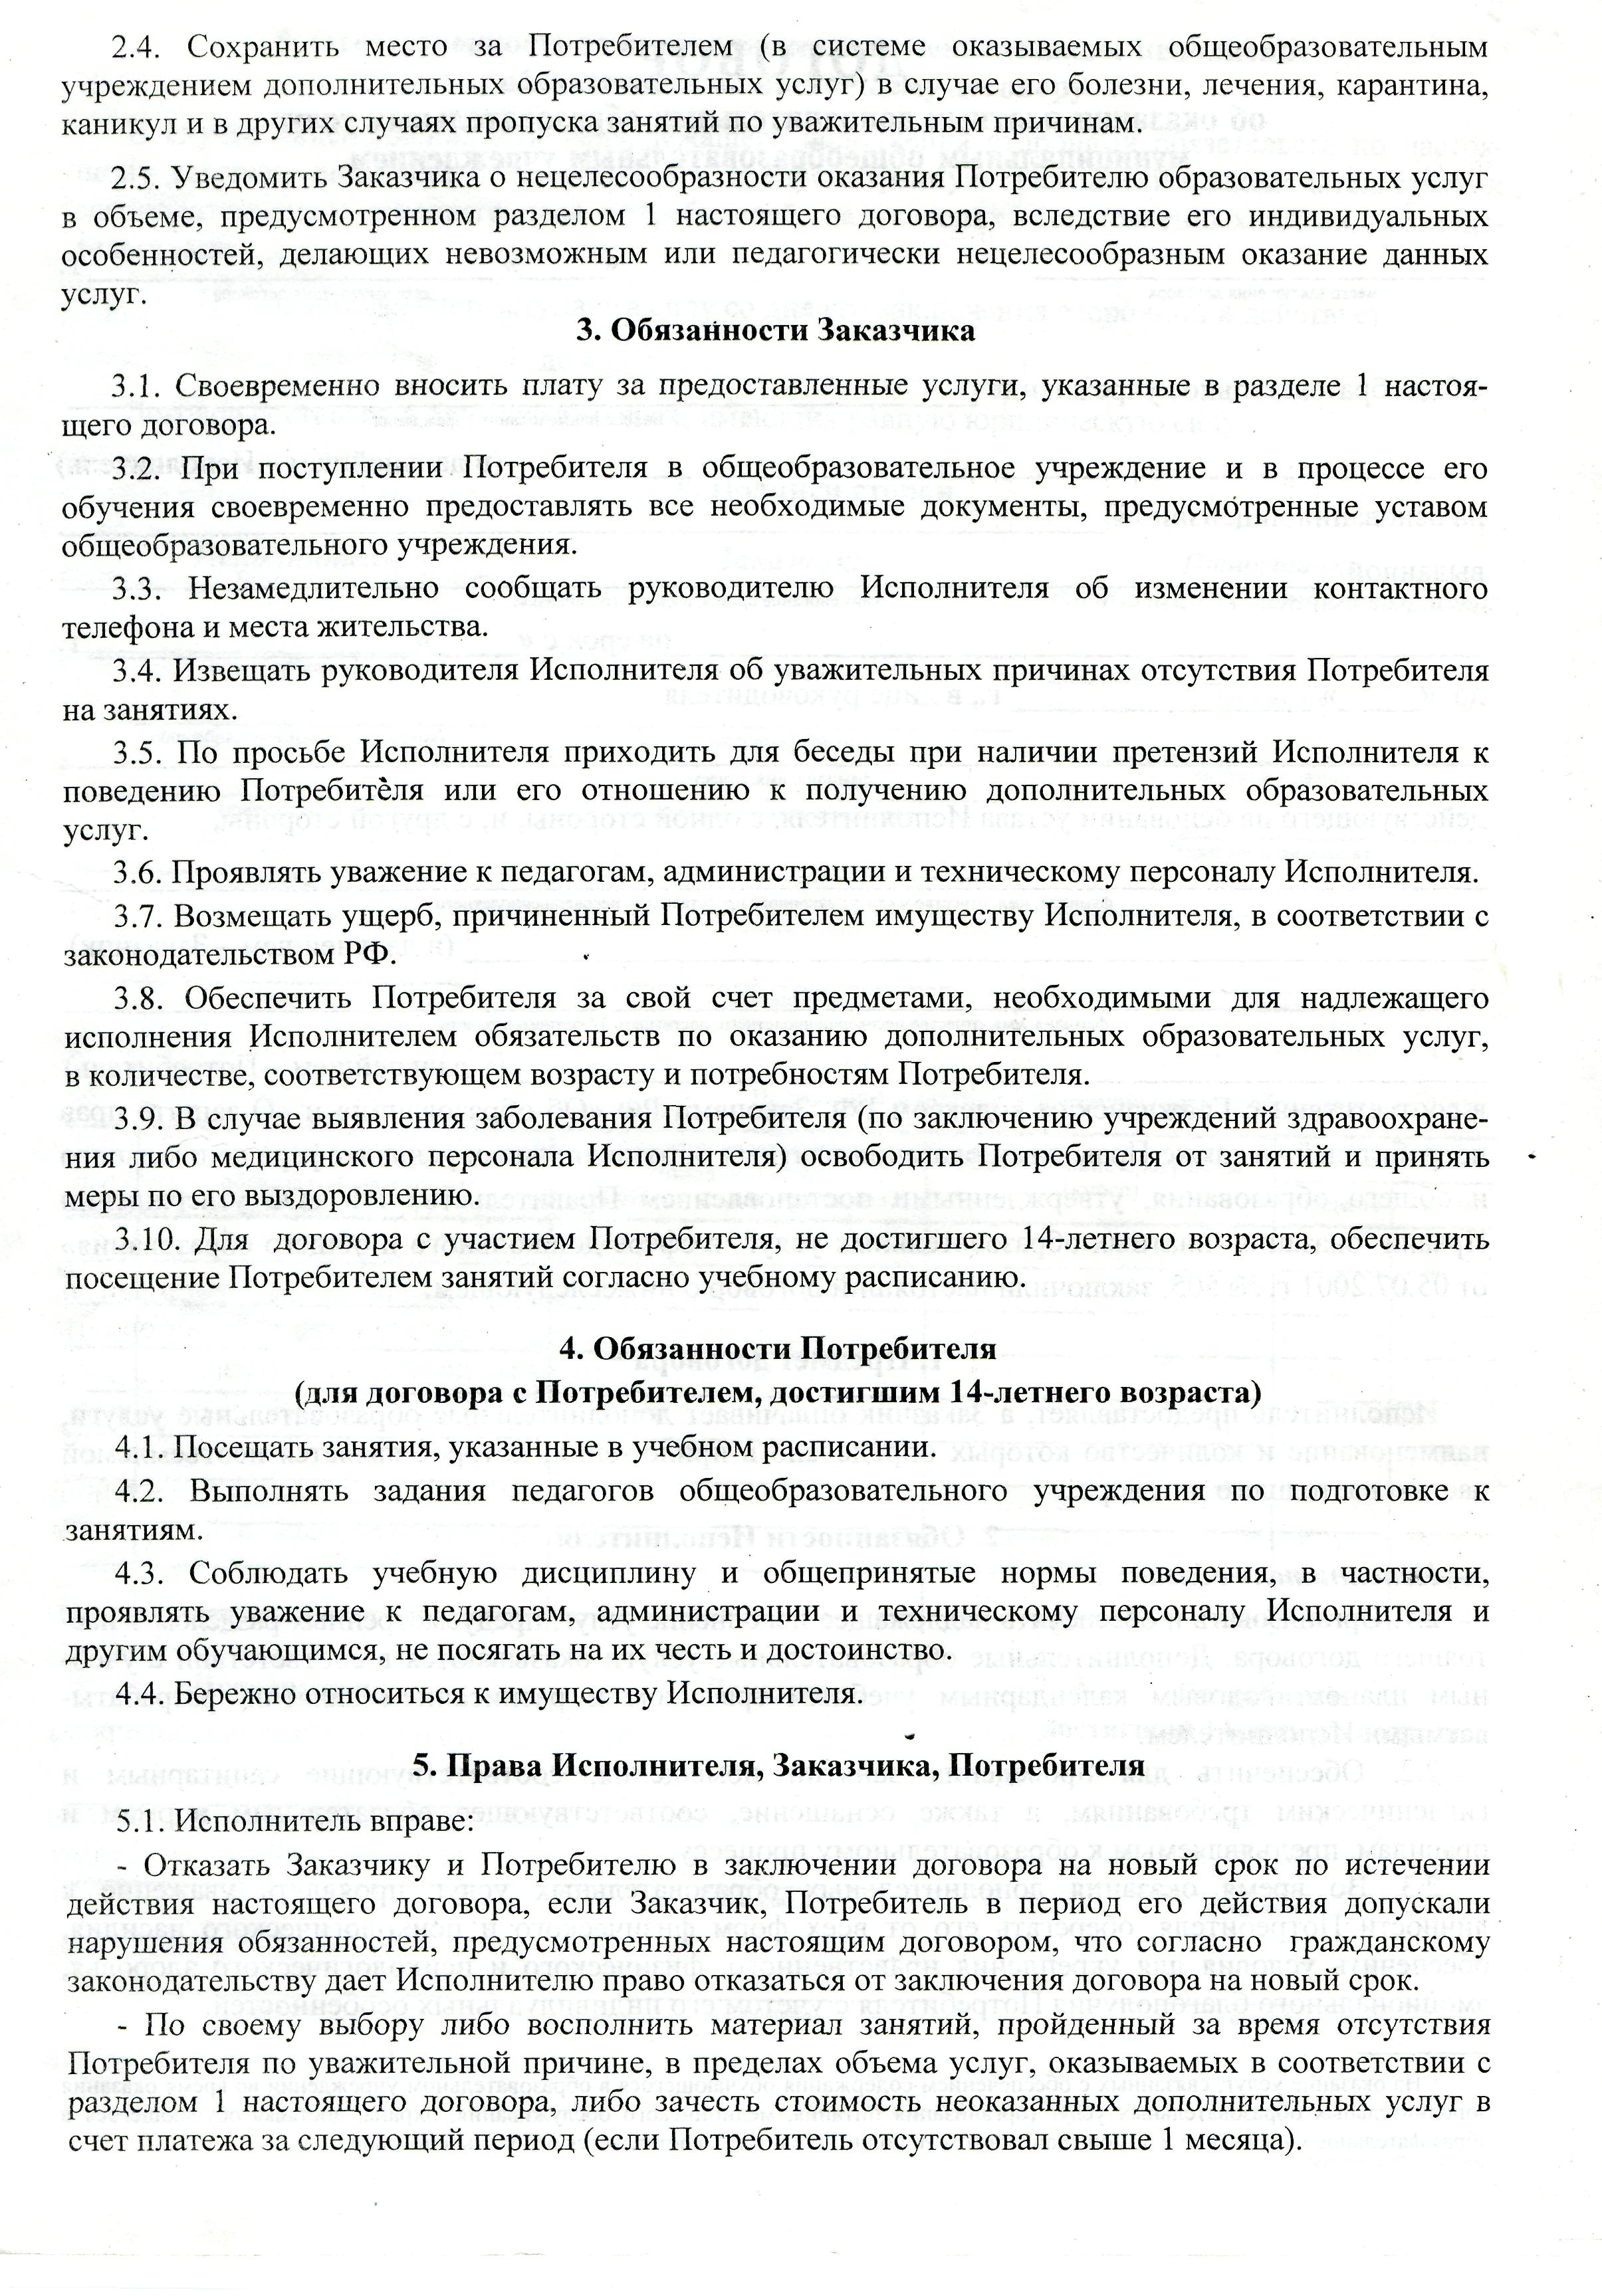 obrazec-dogovora-ob-okazanii-platnyx-obrazovatelnyx-uslug-2